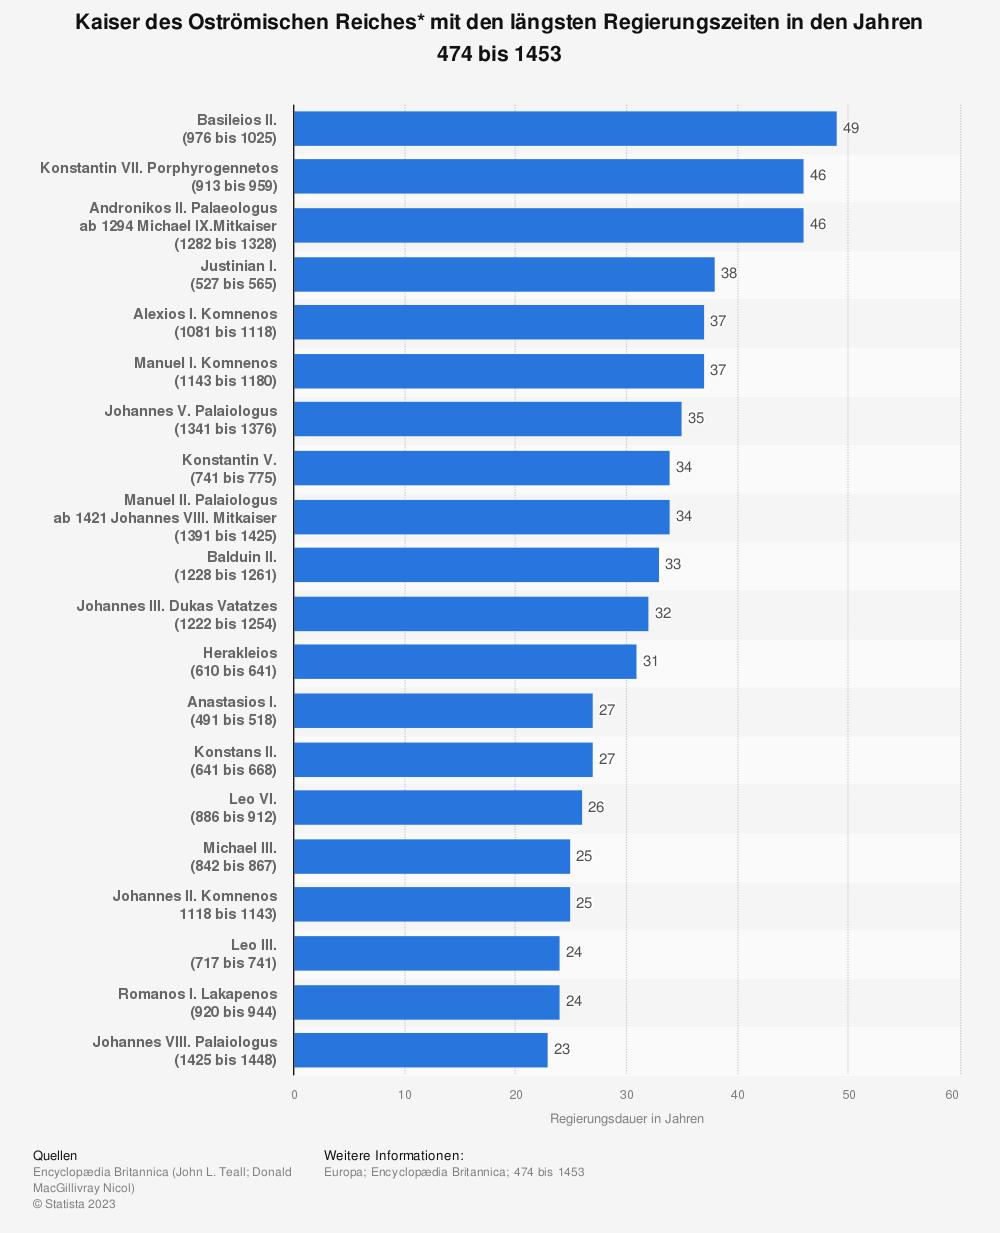 Statistik: Kaiser des Oströmischen Reiches* mit den längsten Regierungszeiten in den Jahren 474 bis 1453 | Statista